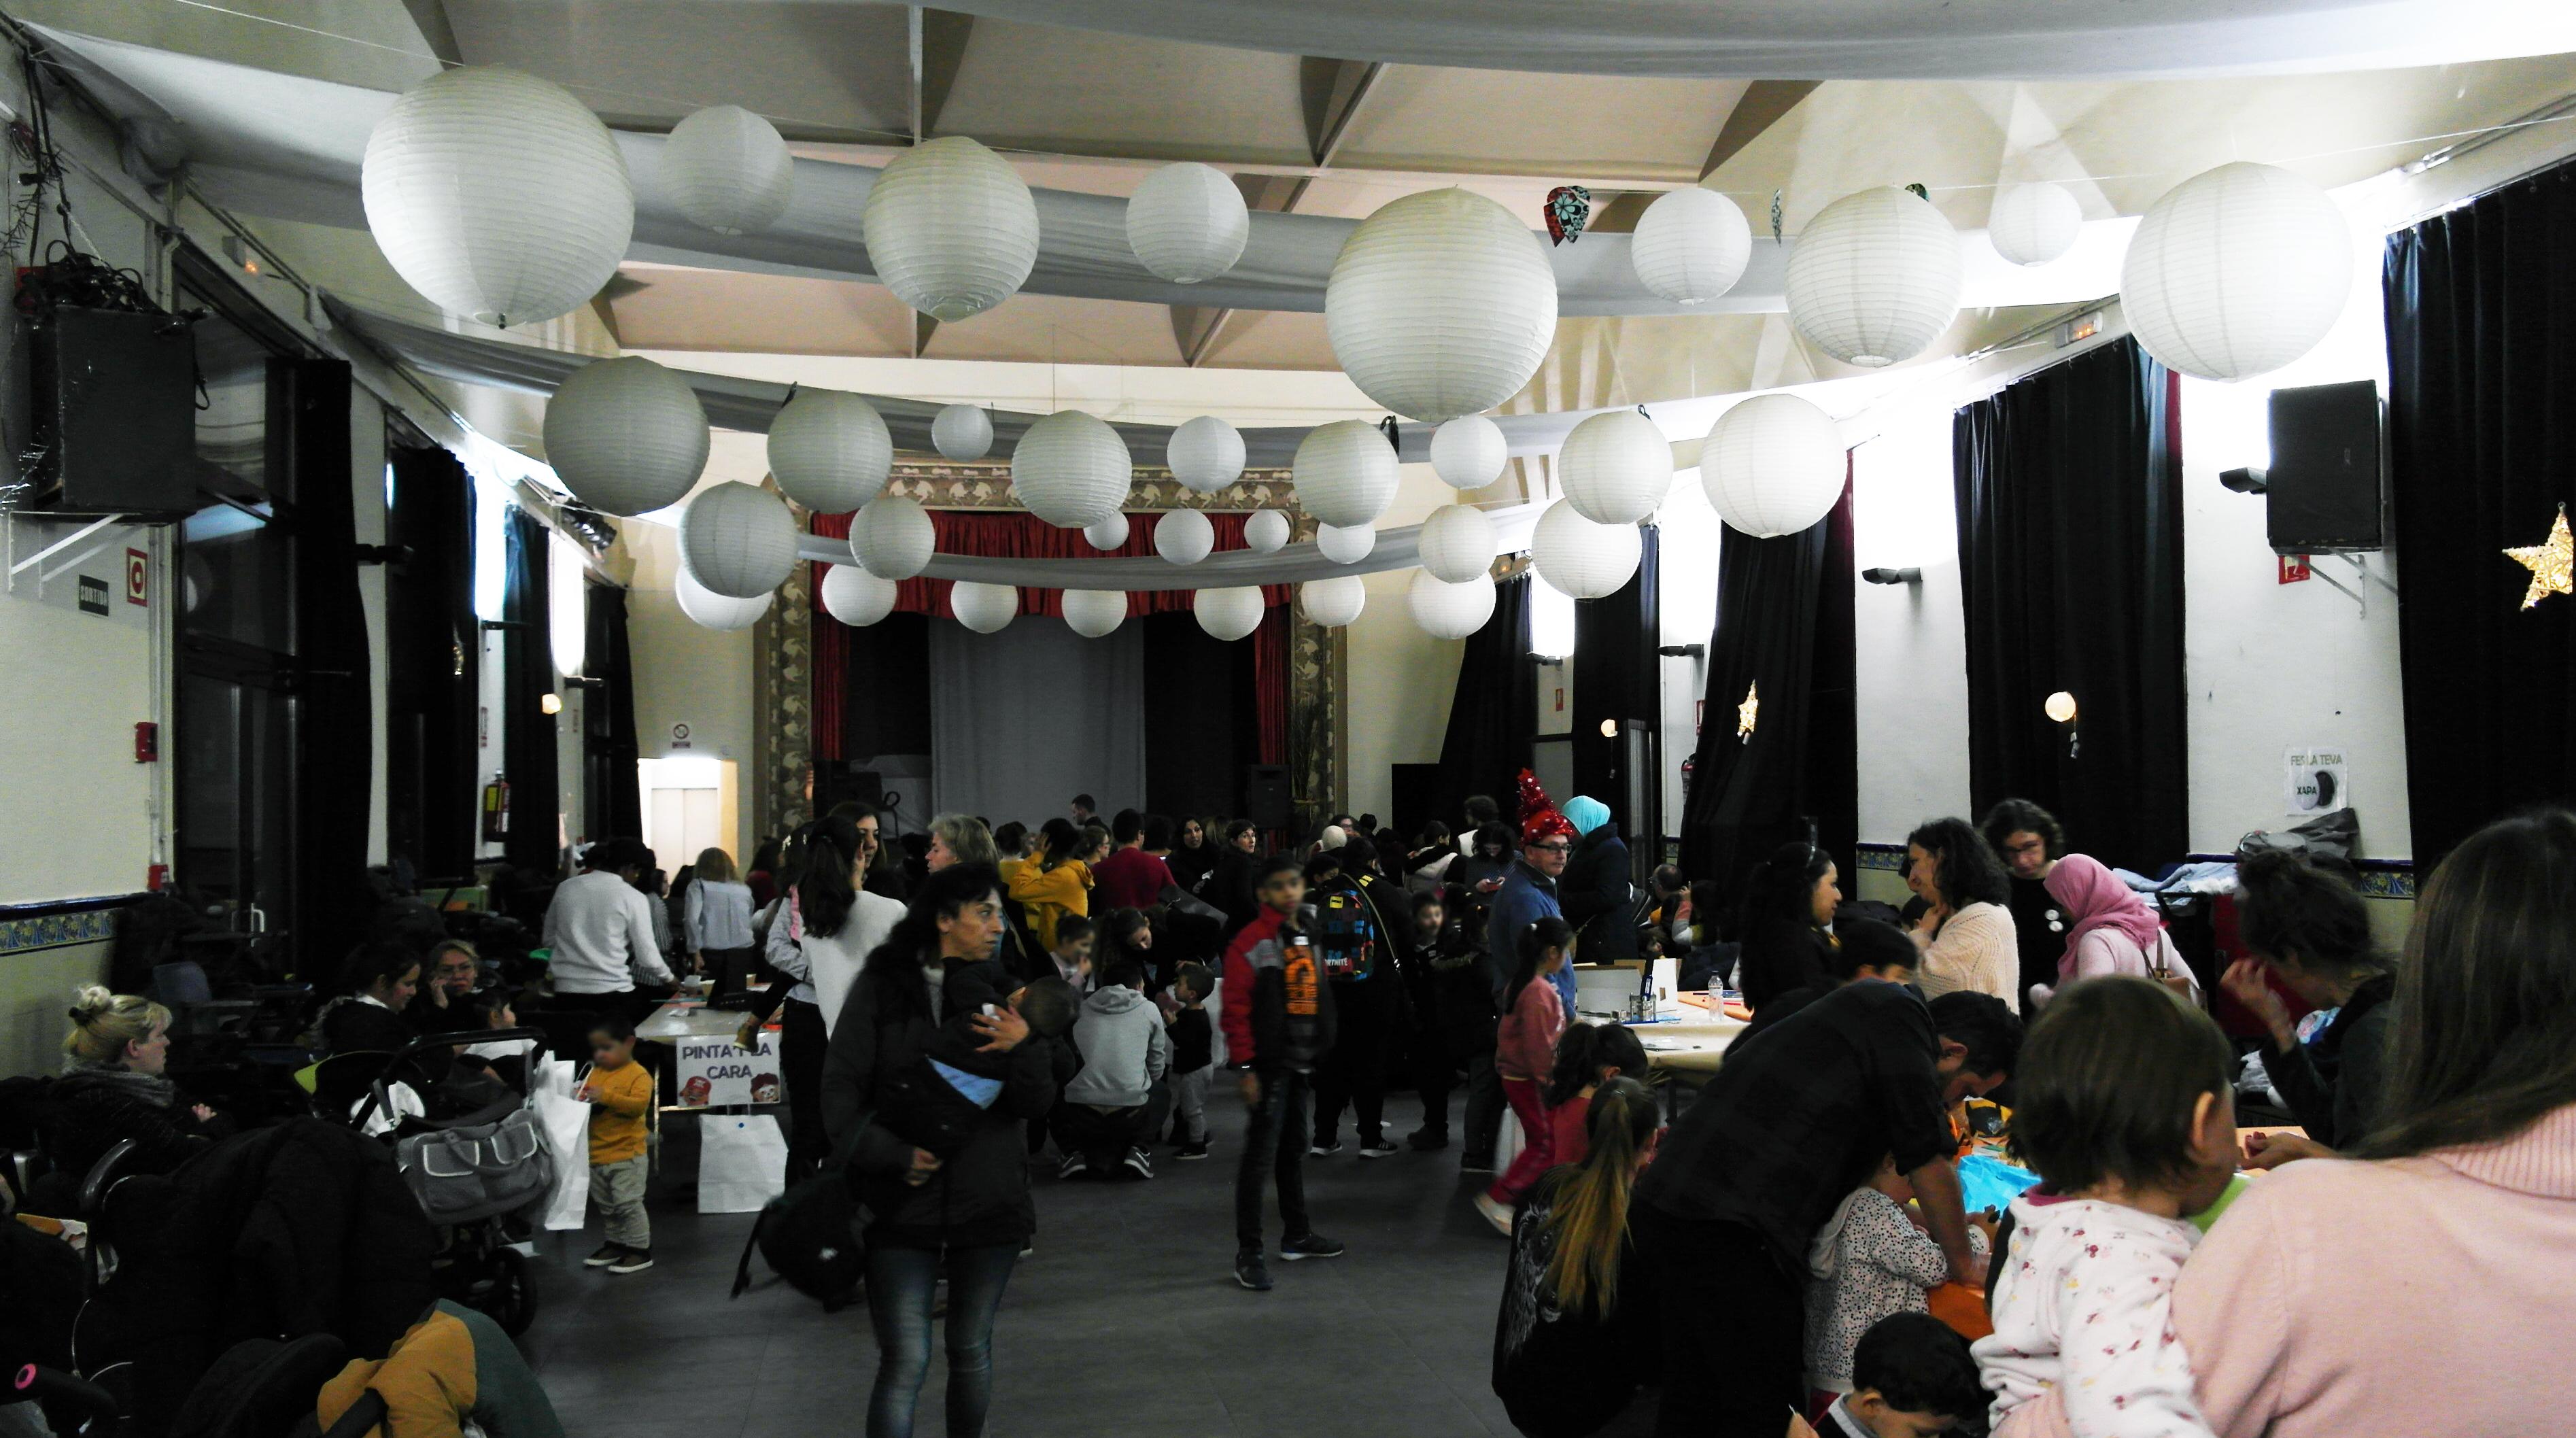 ABD celebra la fiesta de Navidad con diversas actividades y un 'tió' para los niños y niñas vinculados a la entidad